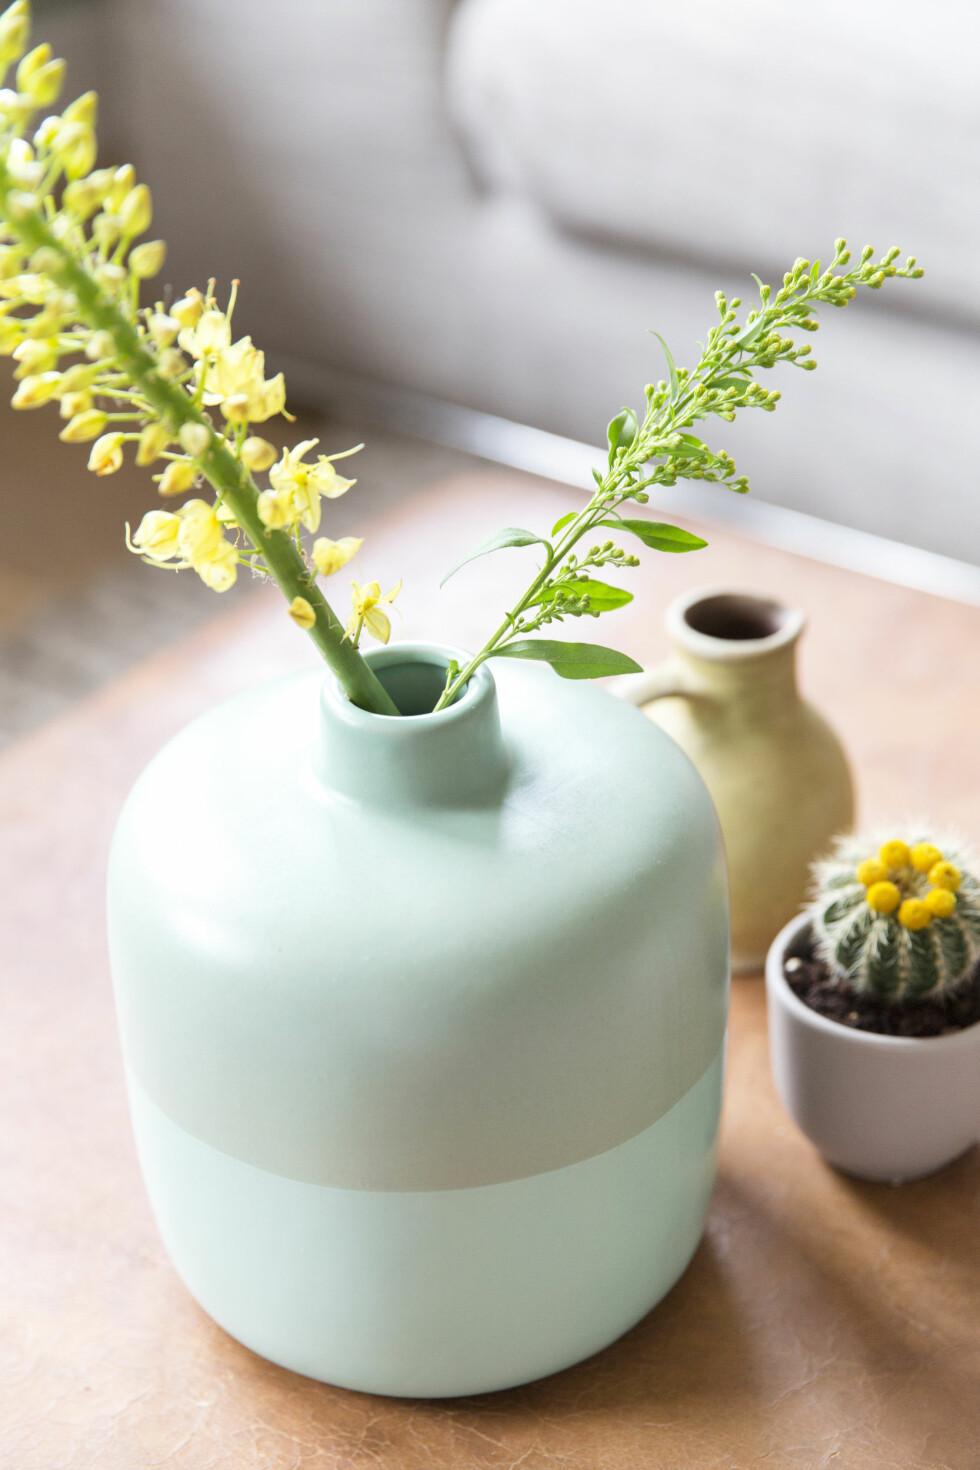 MINTGRØNNE DETALJER: Flere steder i hjemmet finner du mintgrønne detaljer som frisker opp den varme konjakkfargen i skinn- og tremøblene.   Foto: Margriet Hoekstral